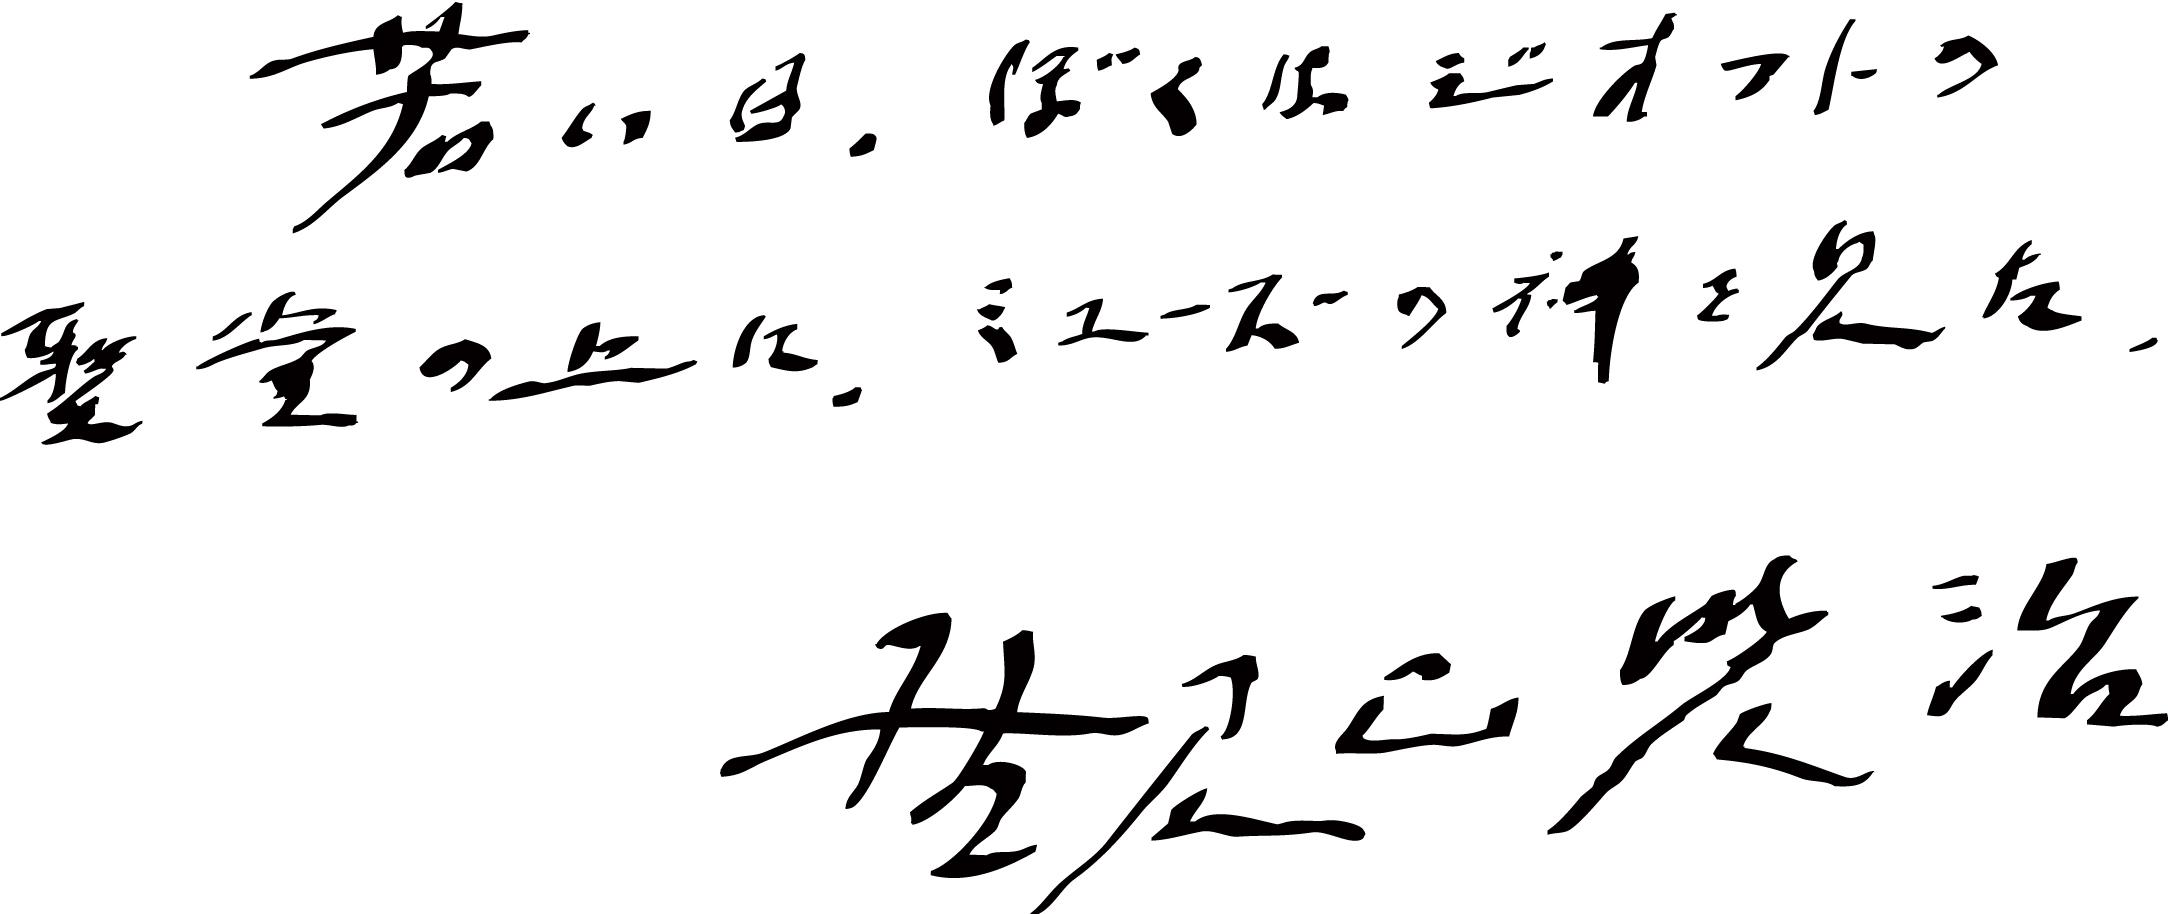 野見山暁治展 Una Mostra del Maestro Gyoji Nomiyama_a0281139_15323885.jpg